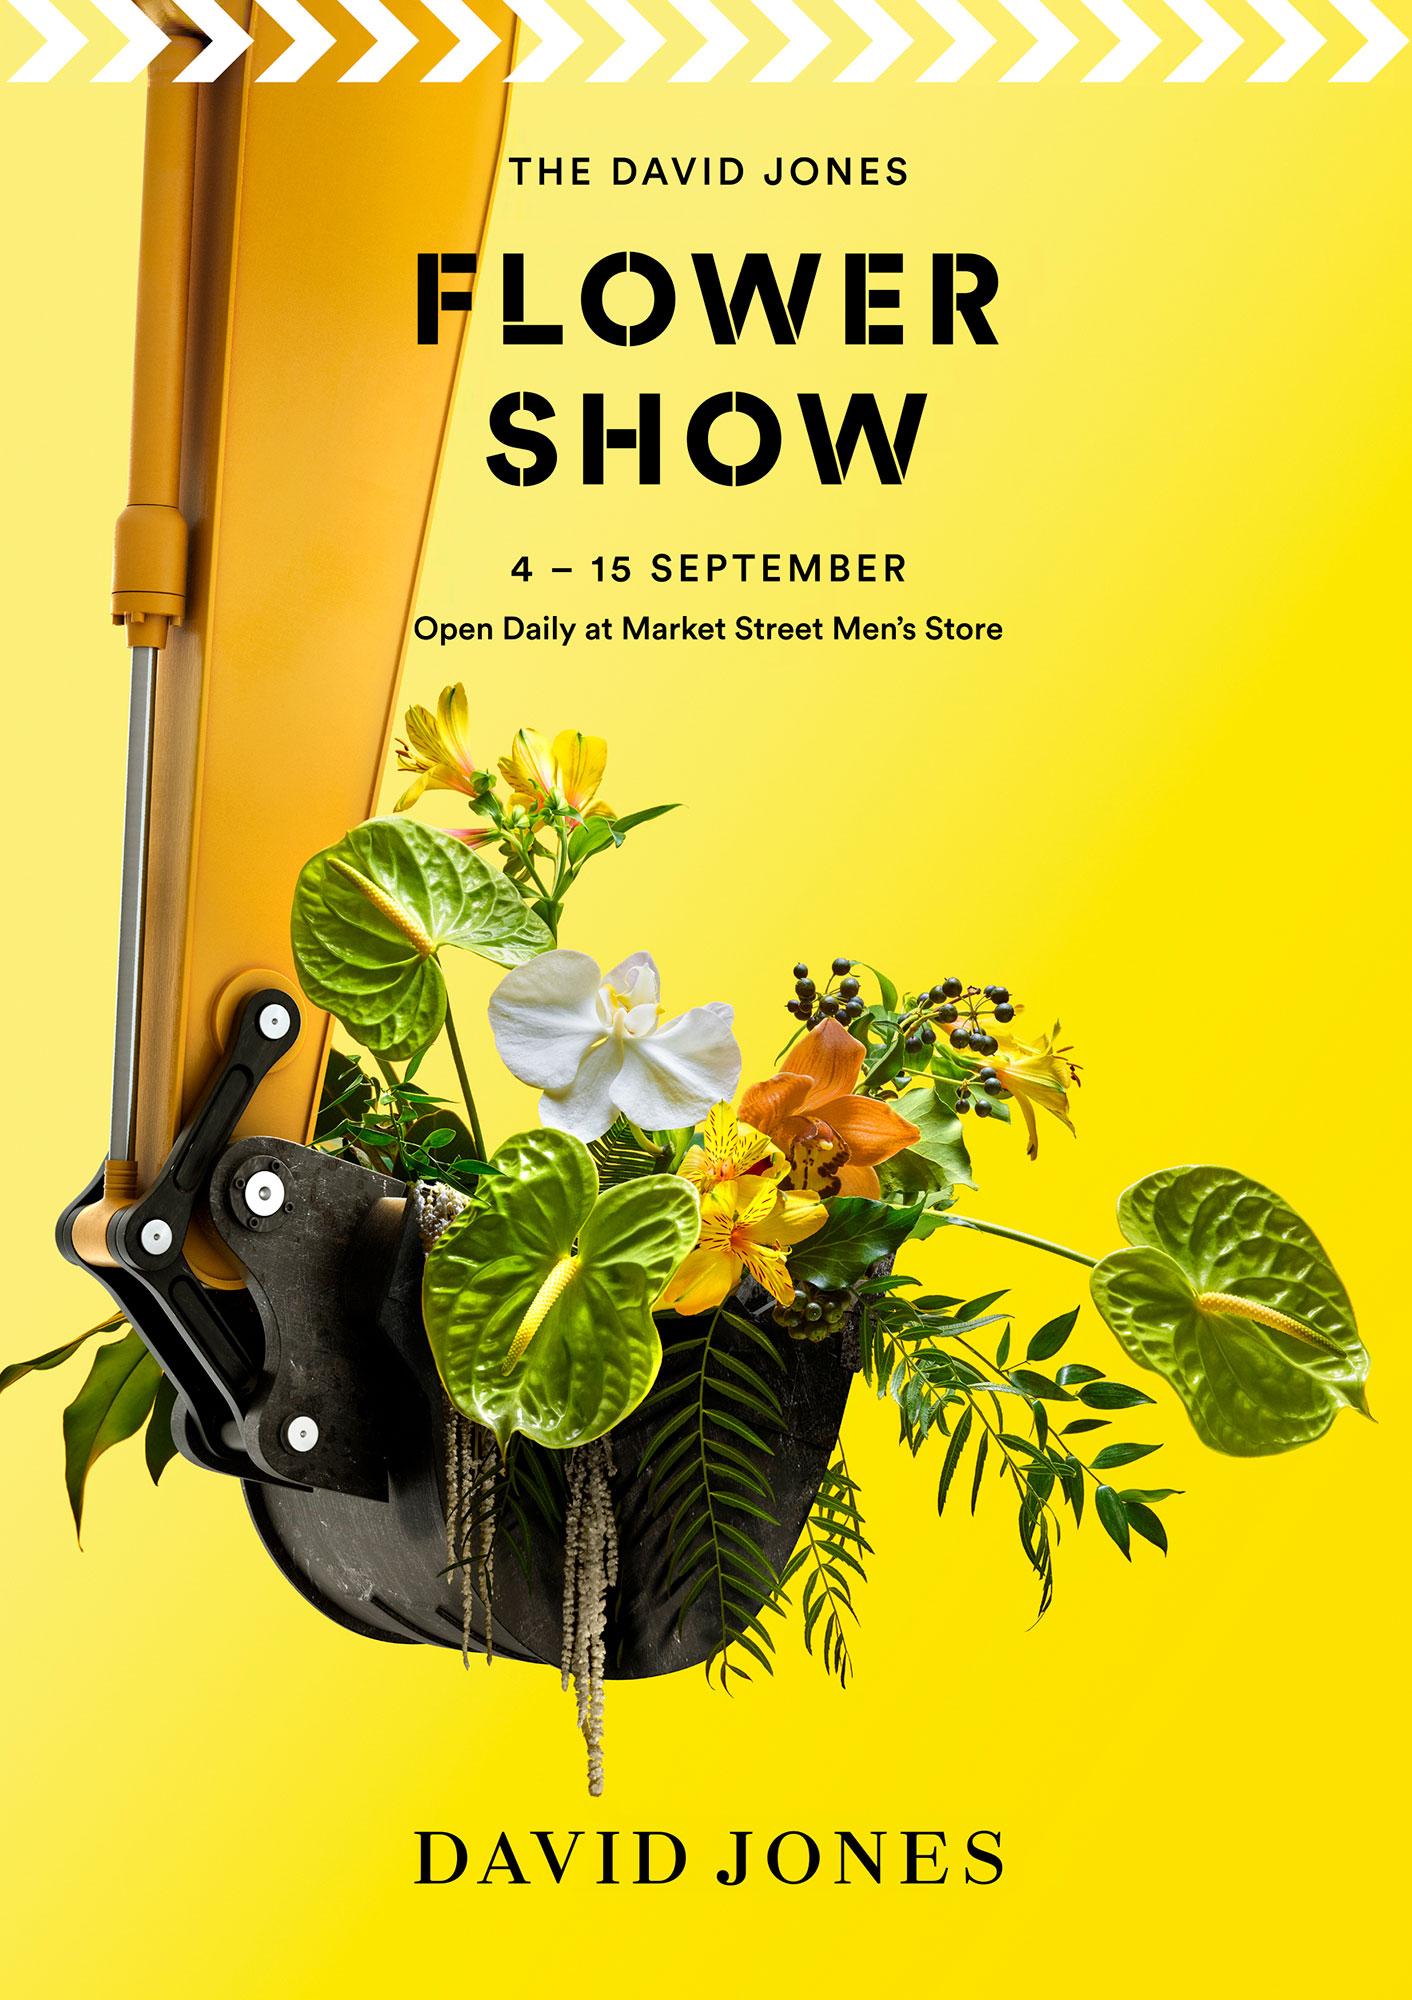 David Jones Flower Show 2019